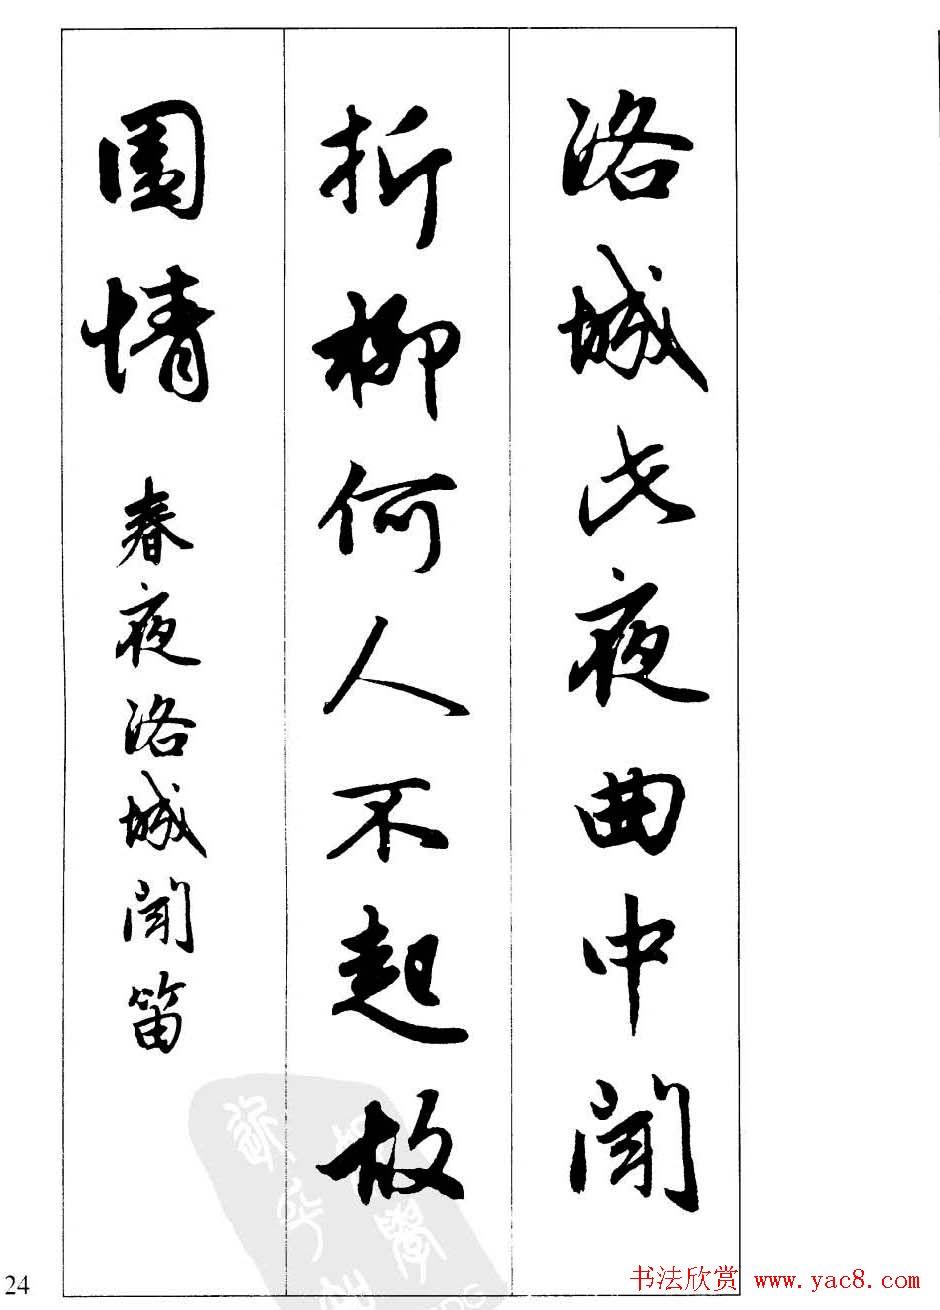 毛笔视频v毛笔《赵孟物业字帖集字墨迹》古诗保安比武行书图片